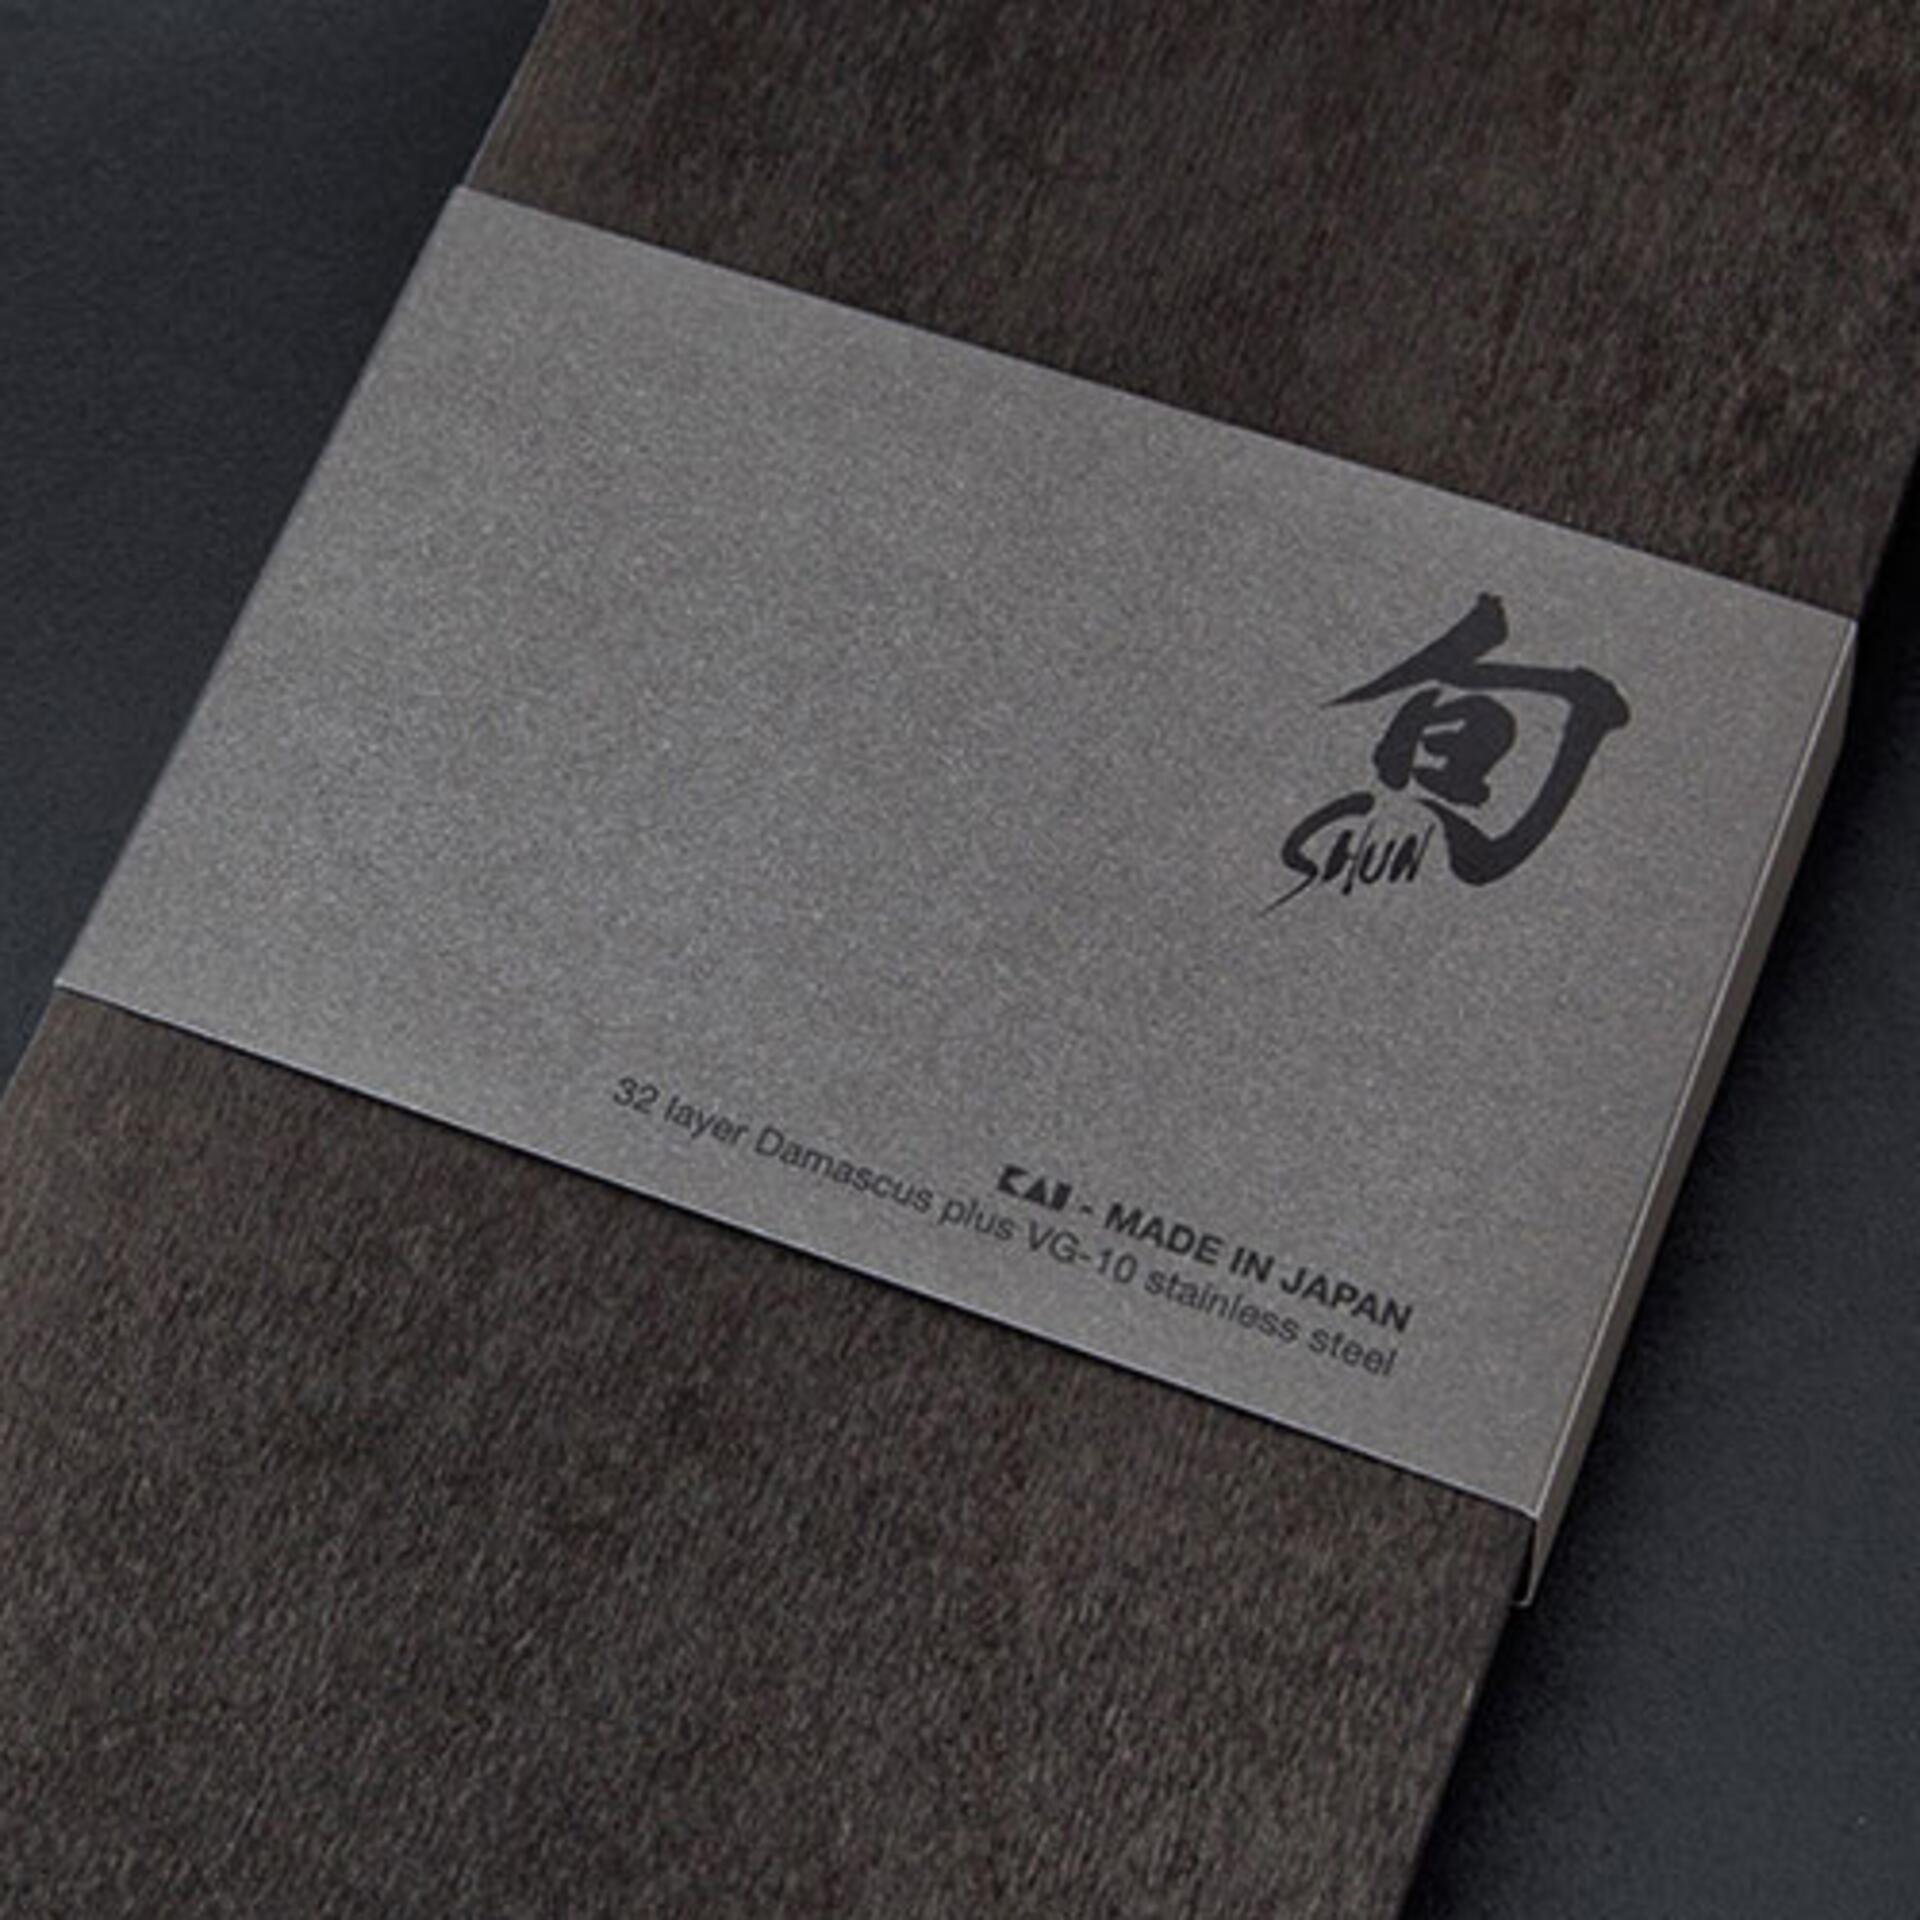 KAI Shun Classic Großes Santoku DM-0717